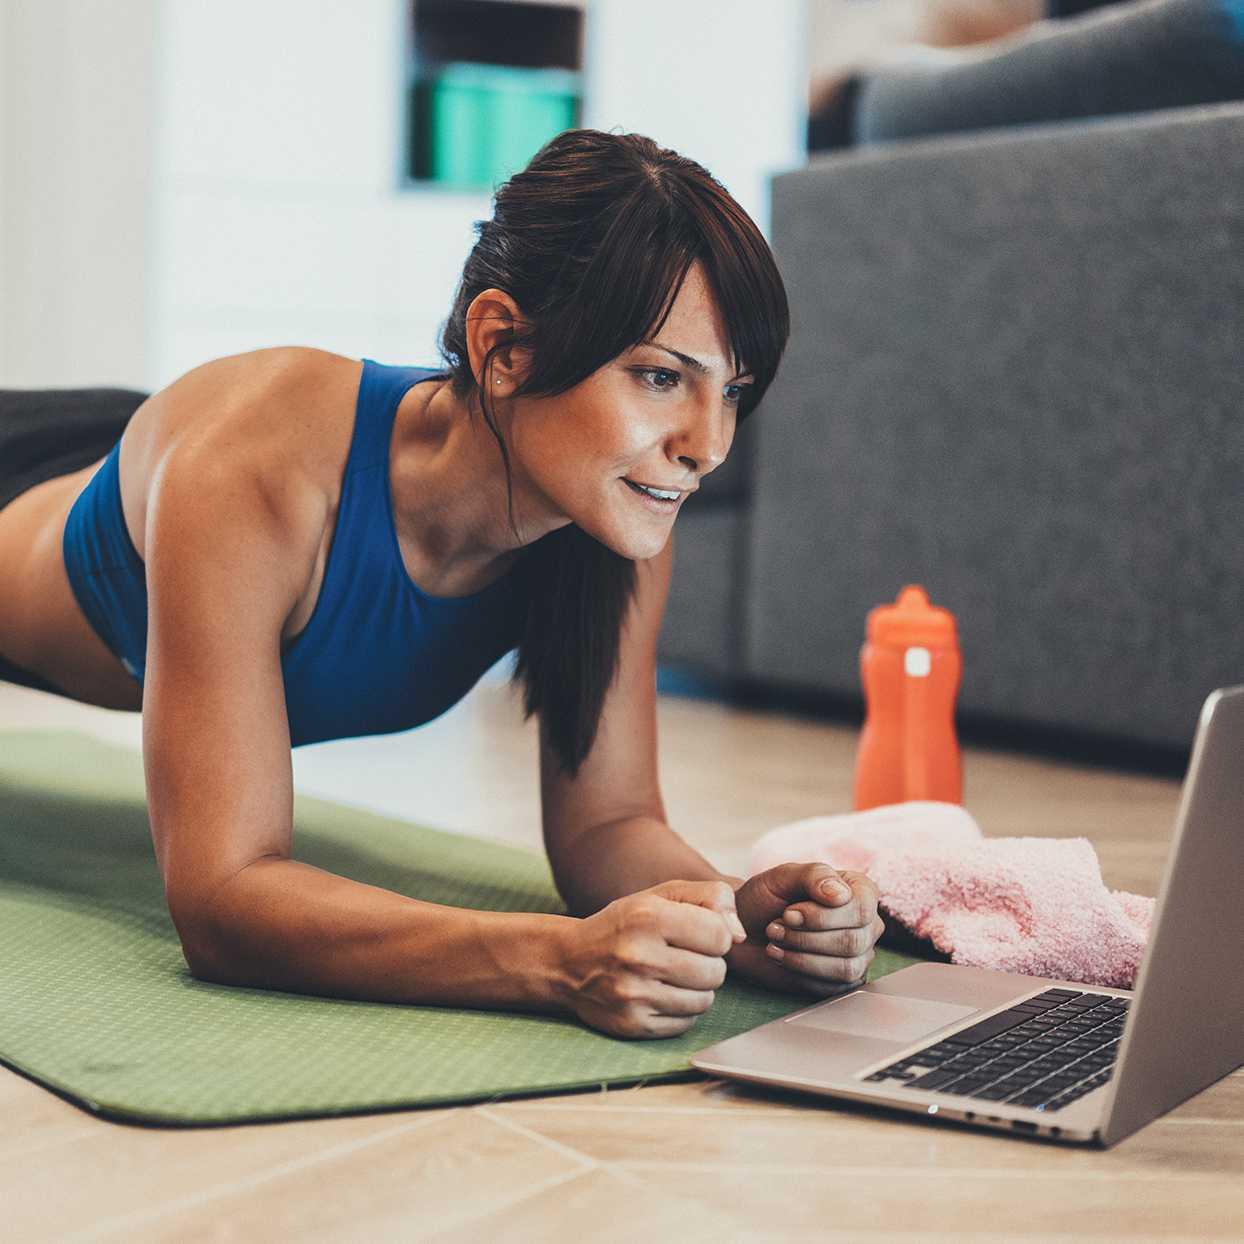 Пять лучших тренеров с youtube для домашних упражнений